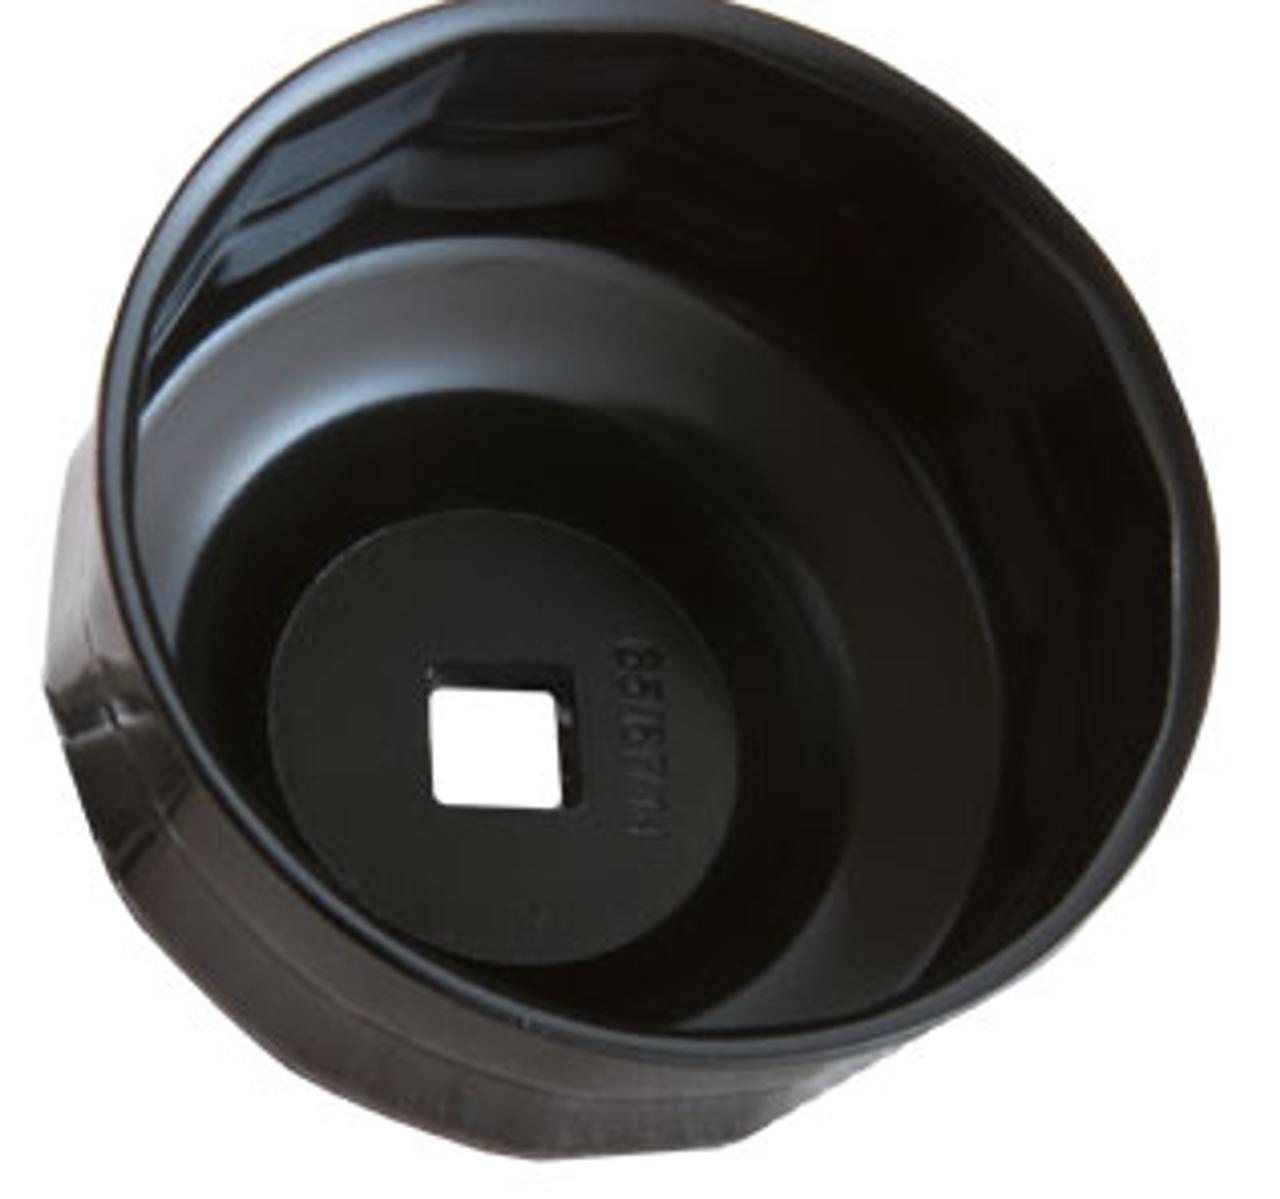 Assenmacher Specialty Tools 2136 Oil Filter Socket